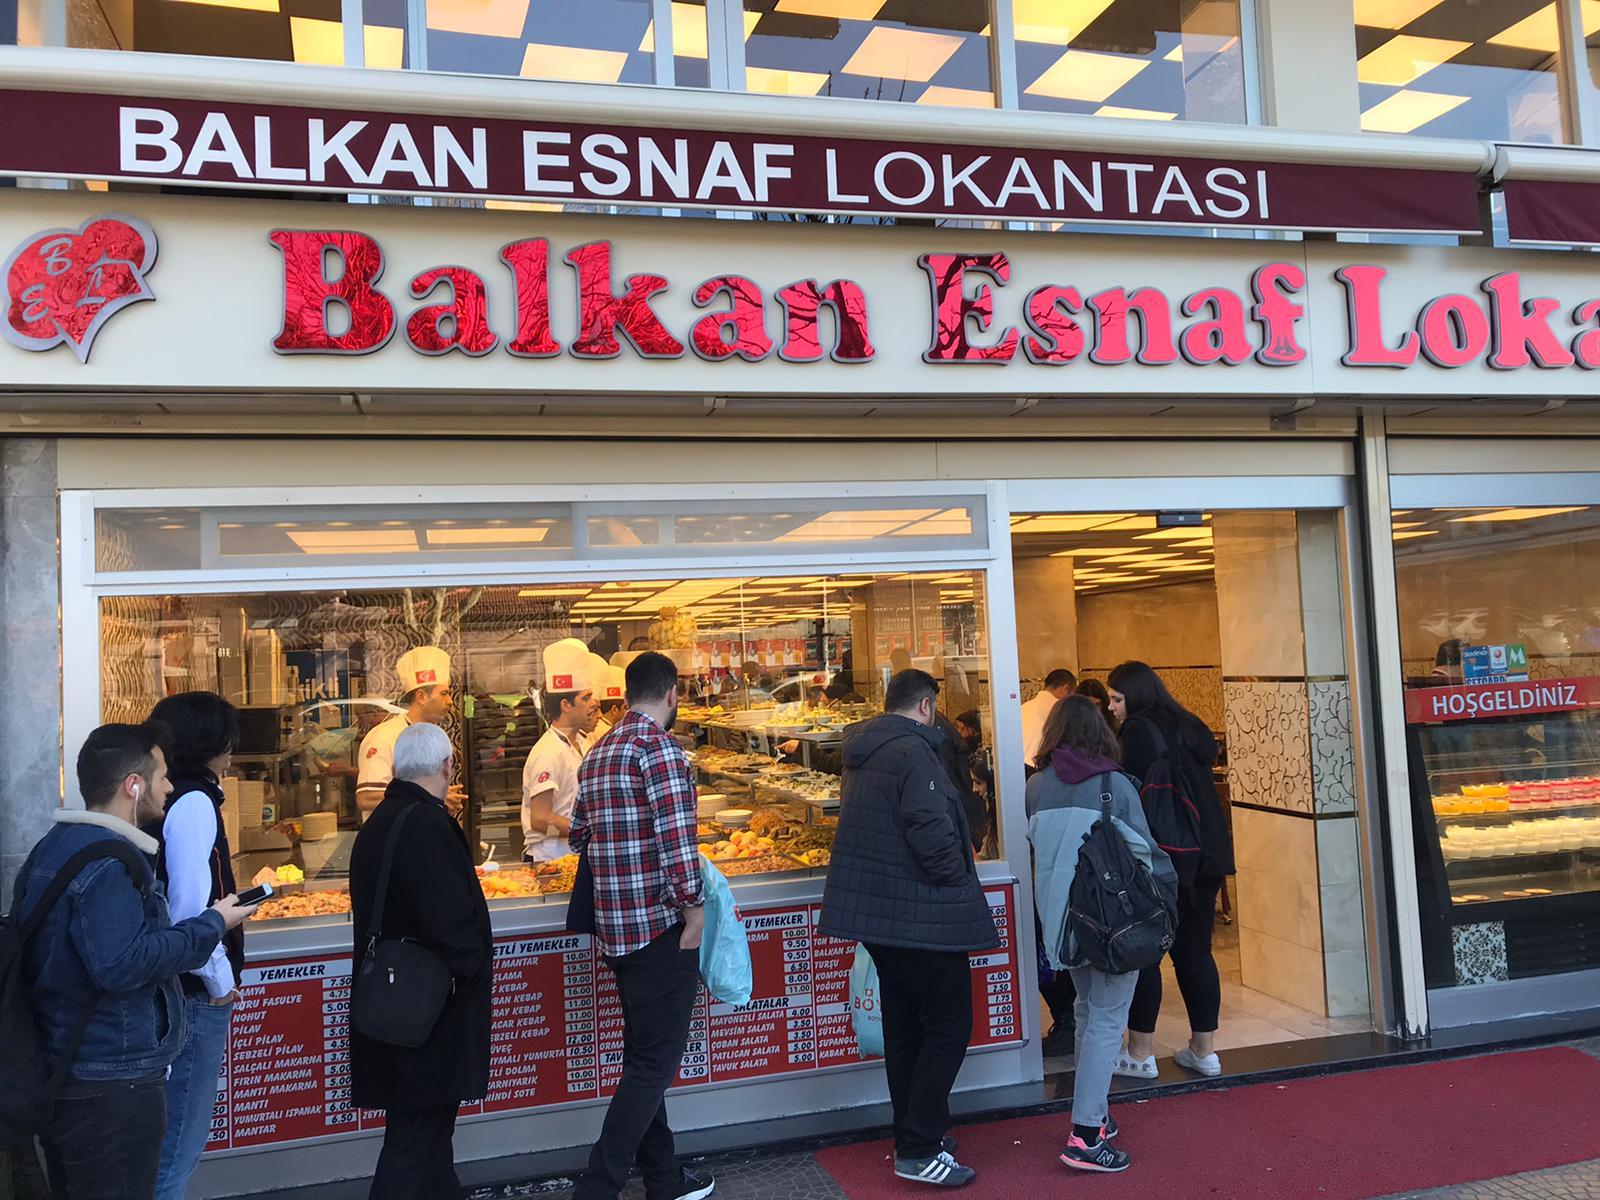 Balkan Esnaf Lokantası